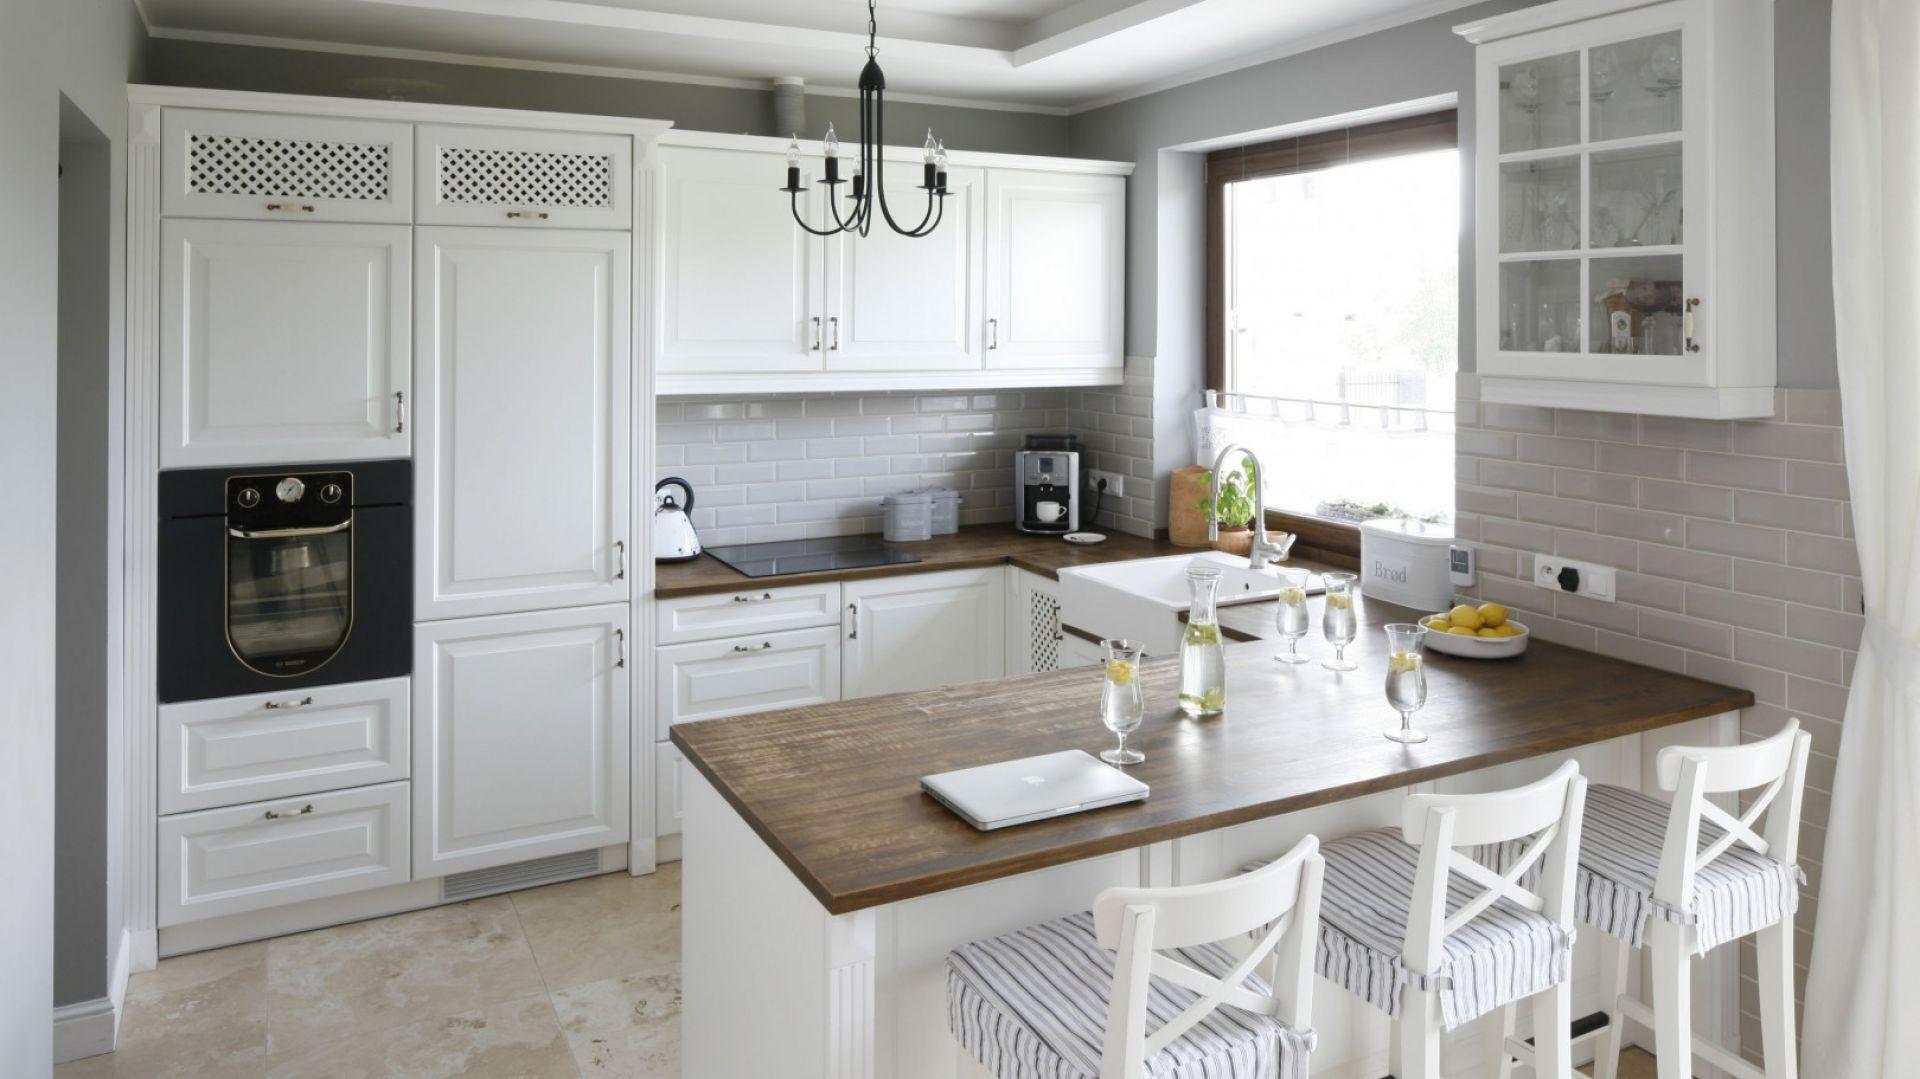 Klasyczna kuchnia - 15 dobrych projektów